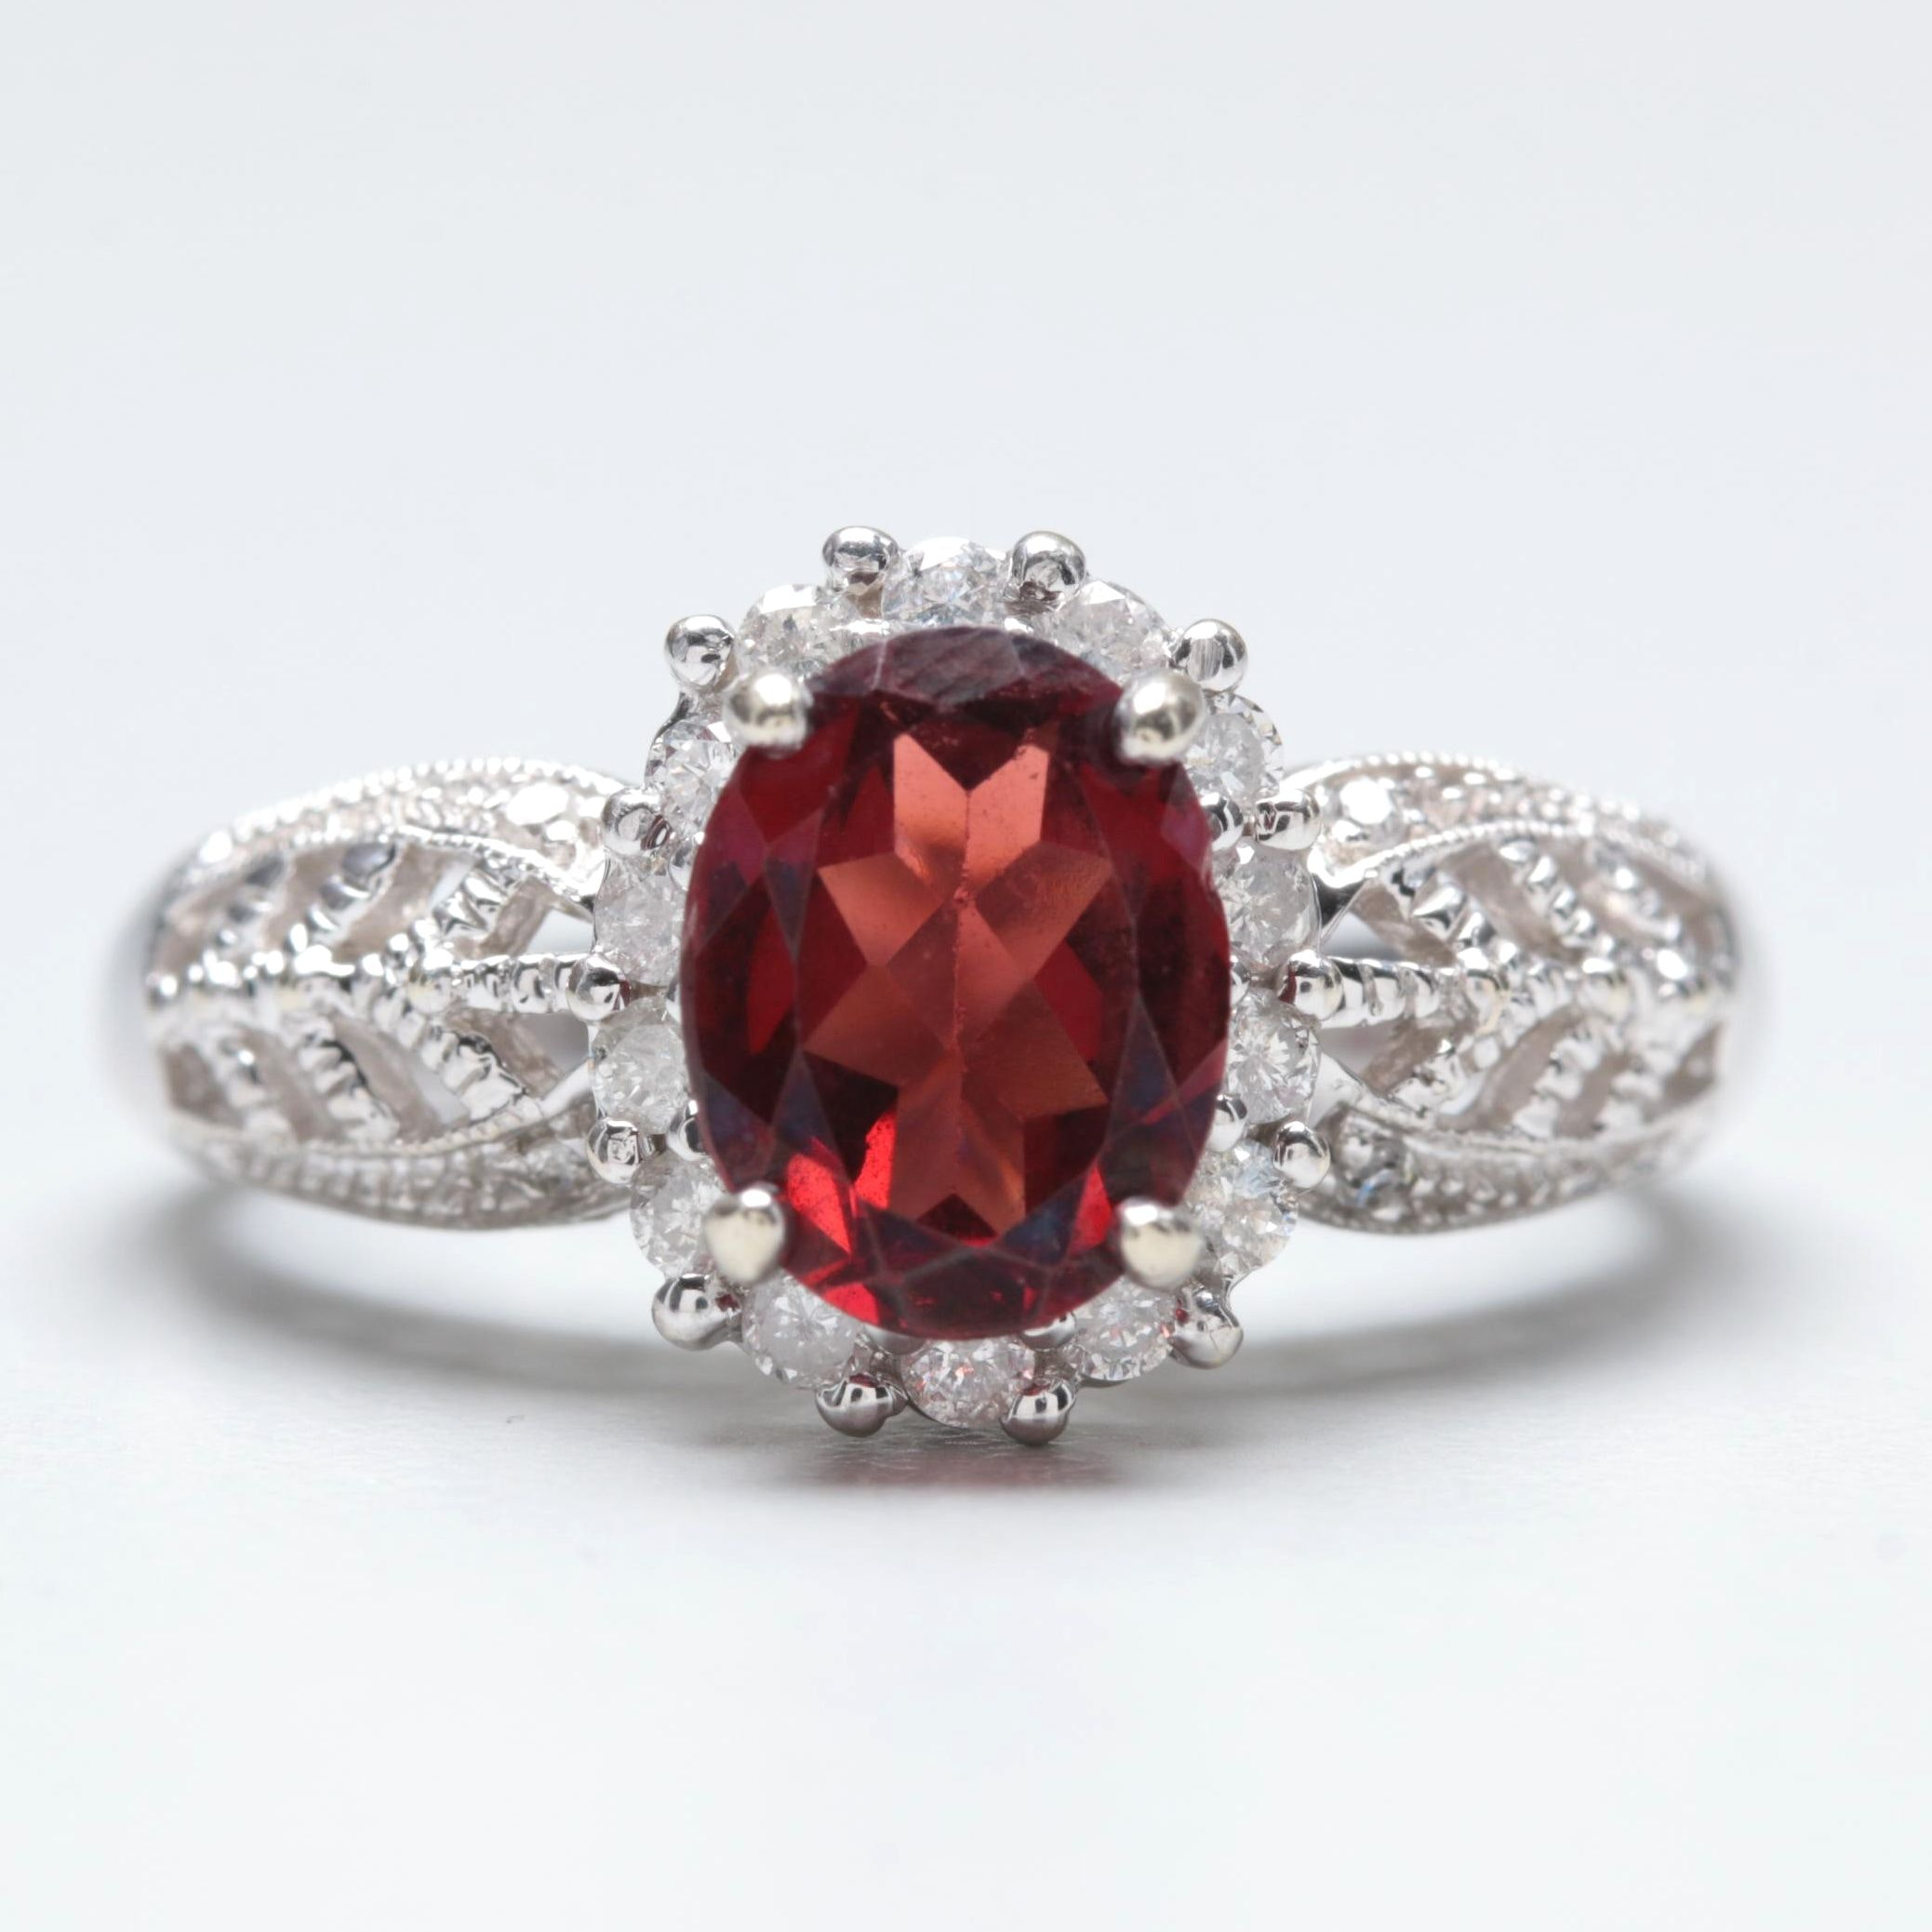 10K White Gold Garnet and Diamond Ring